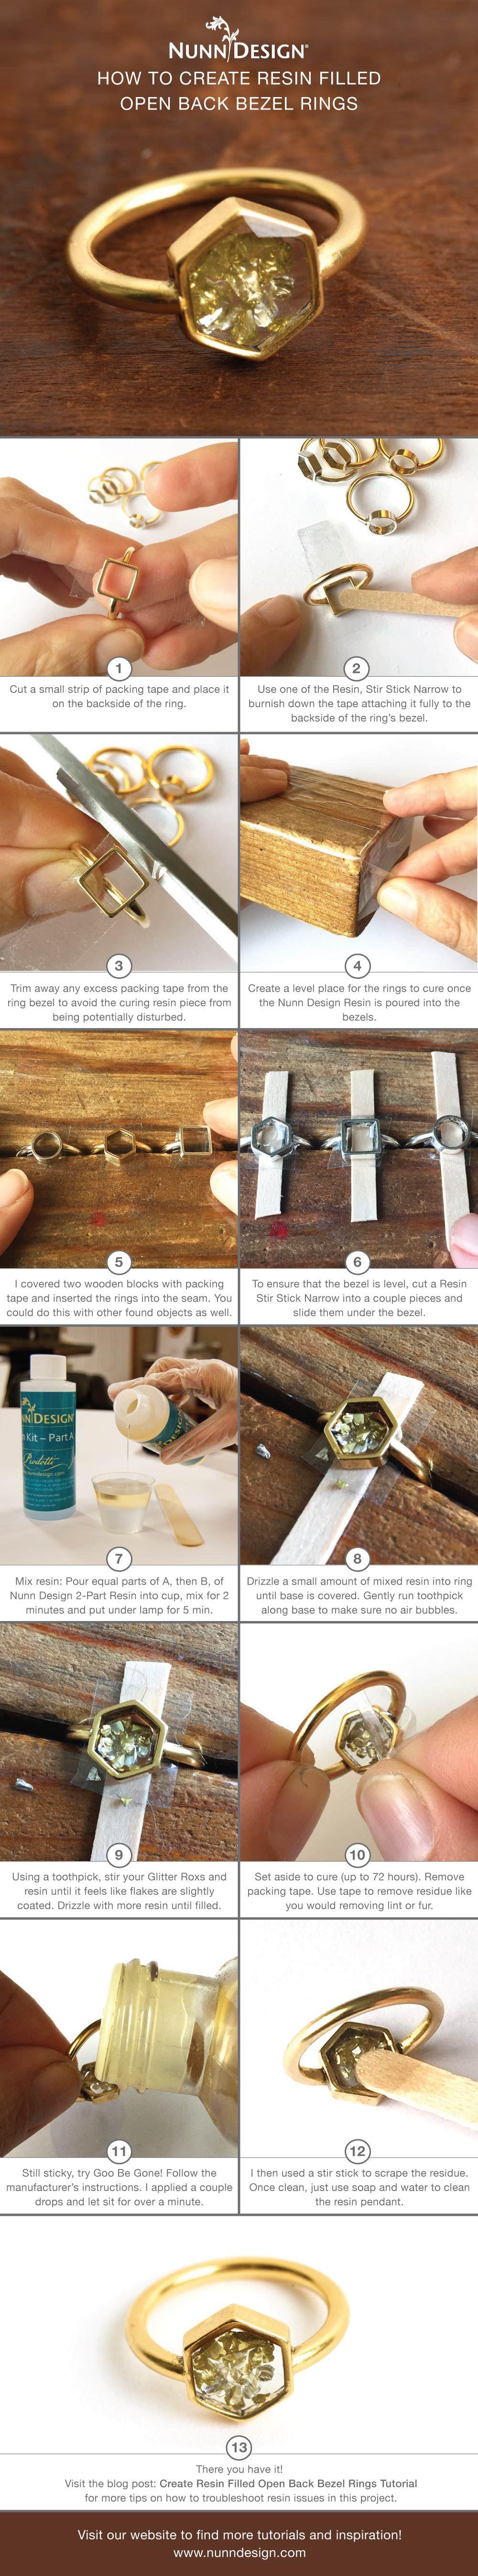 Create Resin Filled Open Back Bezel Rings Tutorial | Jewelry ideas